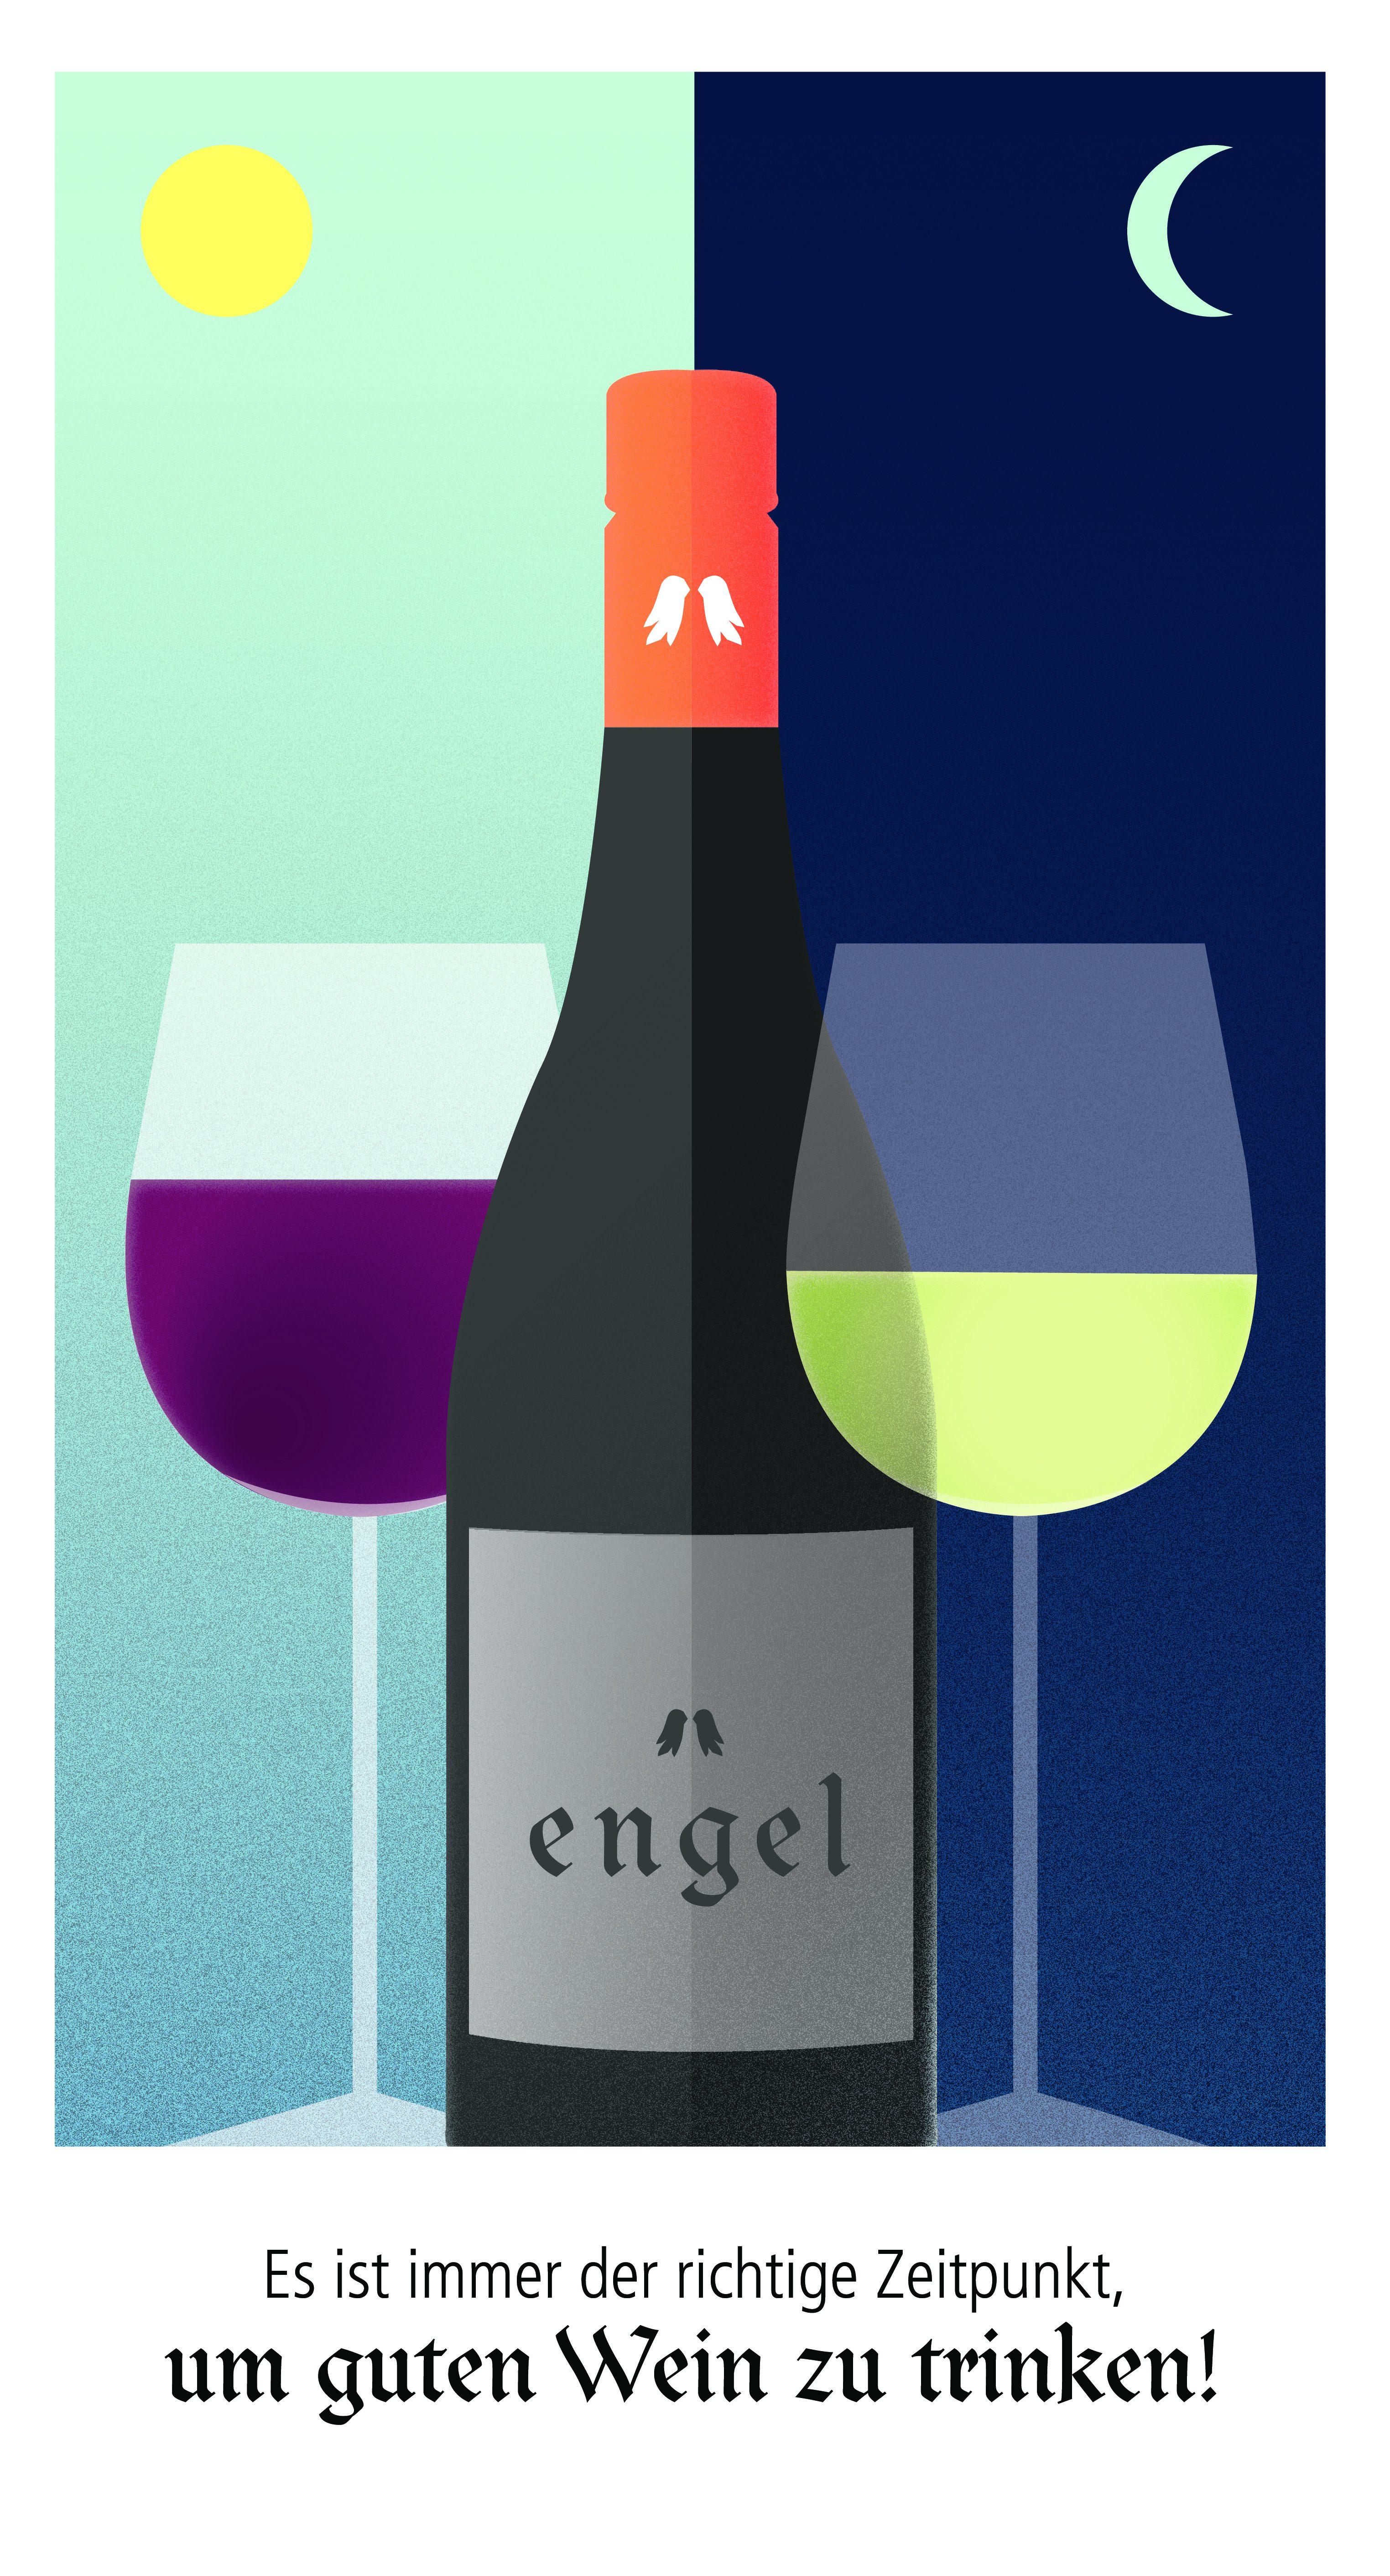 Achtung: Aus gegebenem Anlass sagen wir die Veranstaltung ab!  Weinpräsentation in Rietberg-Mastholte